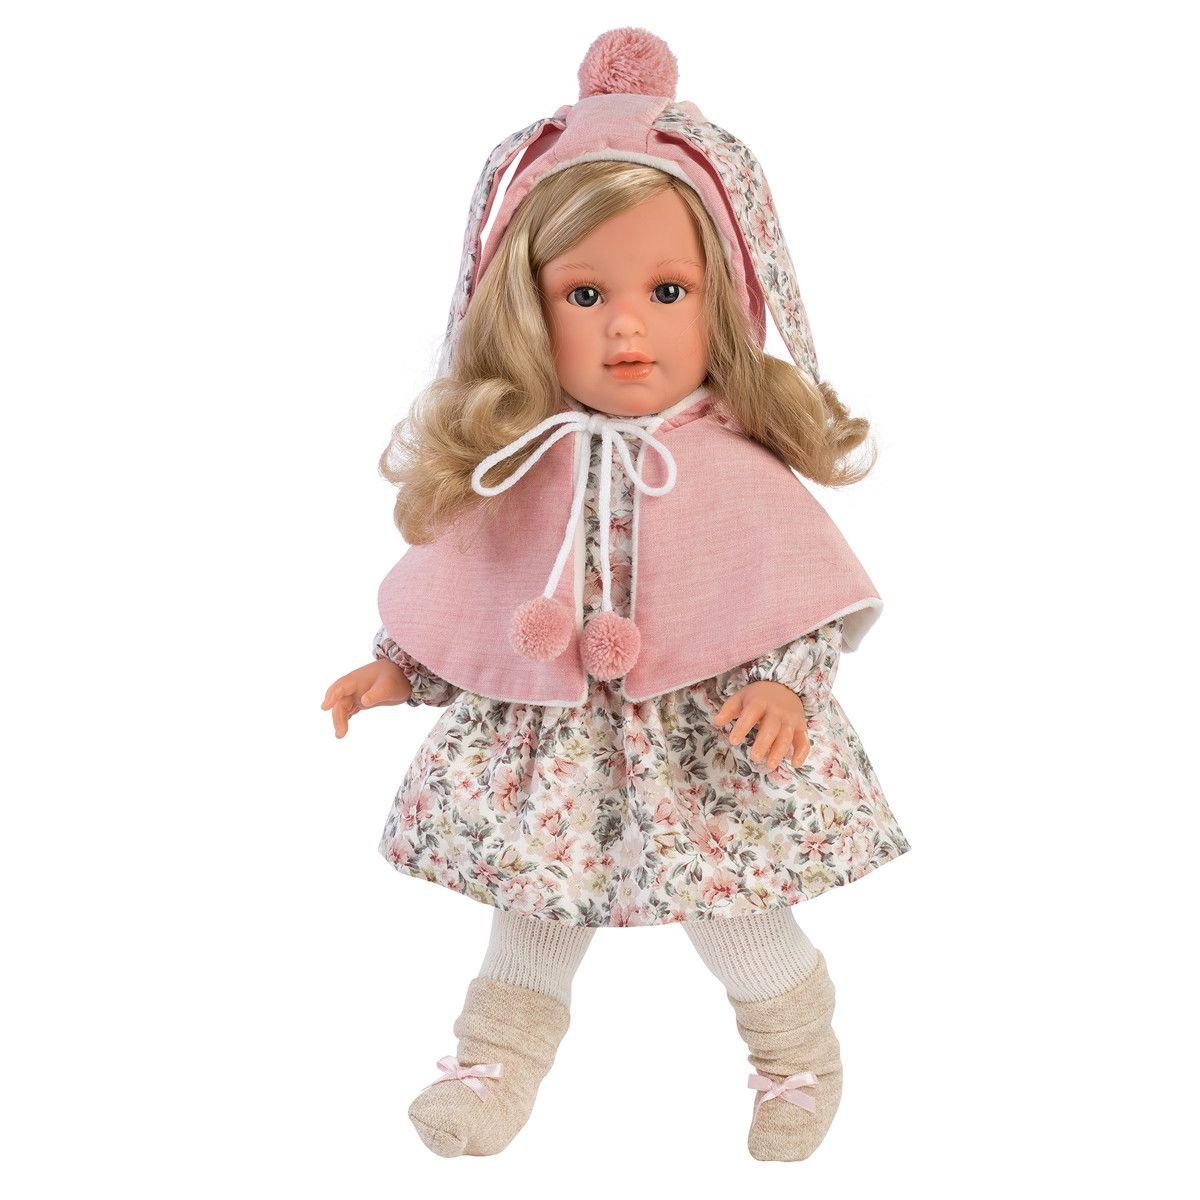 Купить Кукла Люсия, 40 см, Llorens Juan